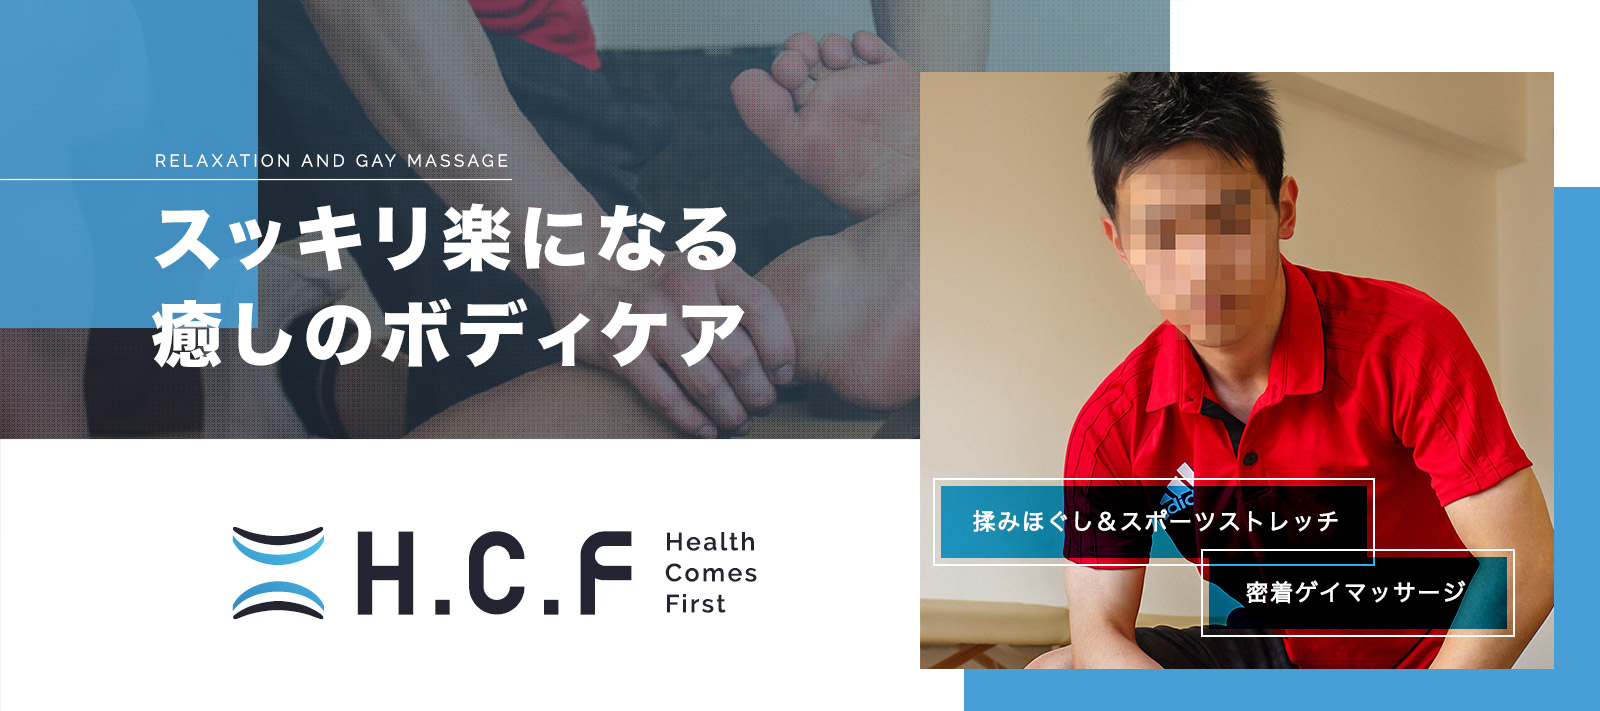 仙台ゲイマッサージ H・C・F~Health Comes First~